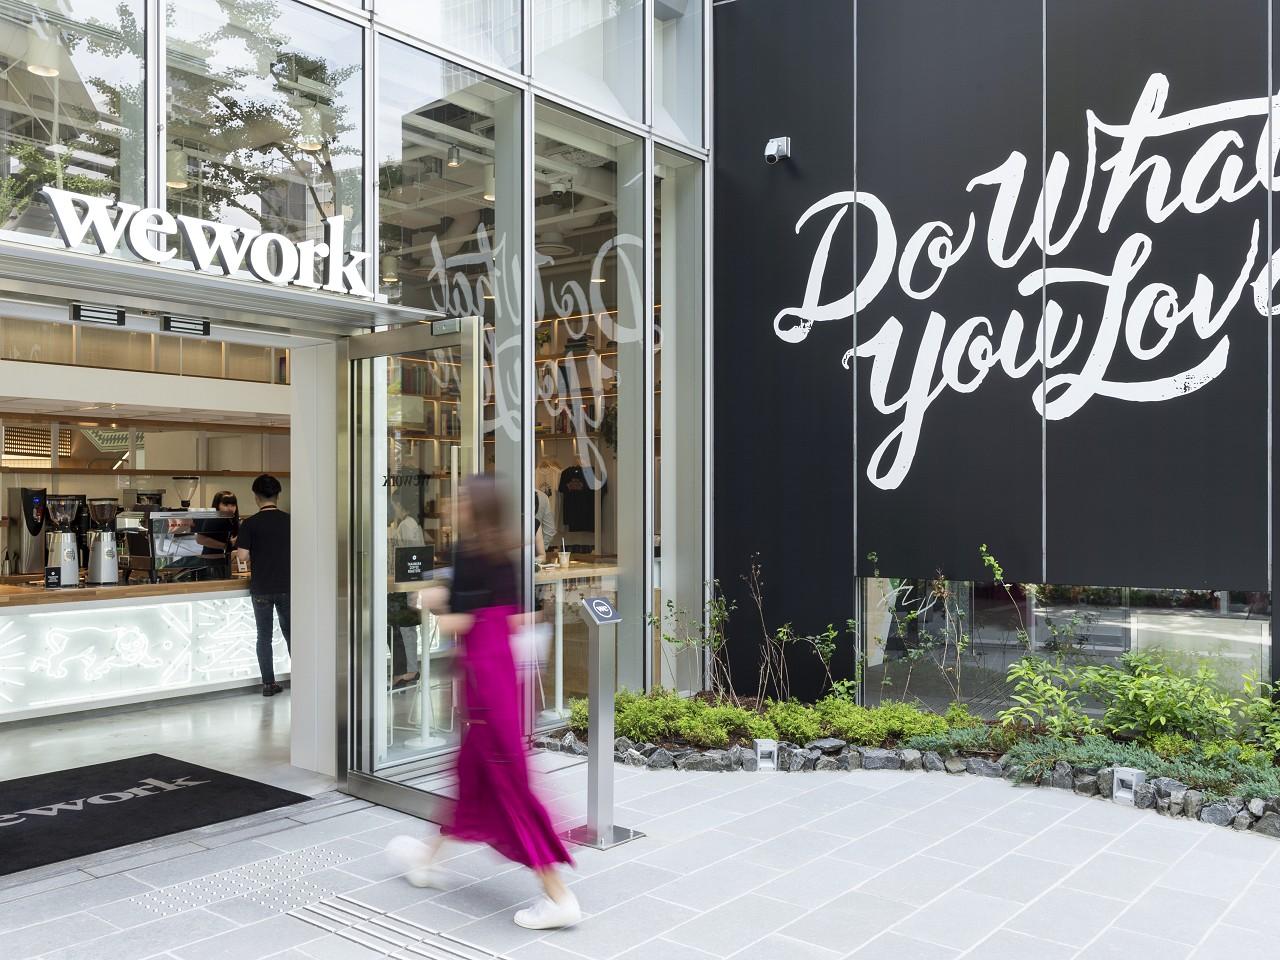 御堂筋 wework 【2020年最新版】WeWorkとは?日本国内39拠点の料金や空き状況、アクセスを徹底解剖!